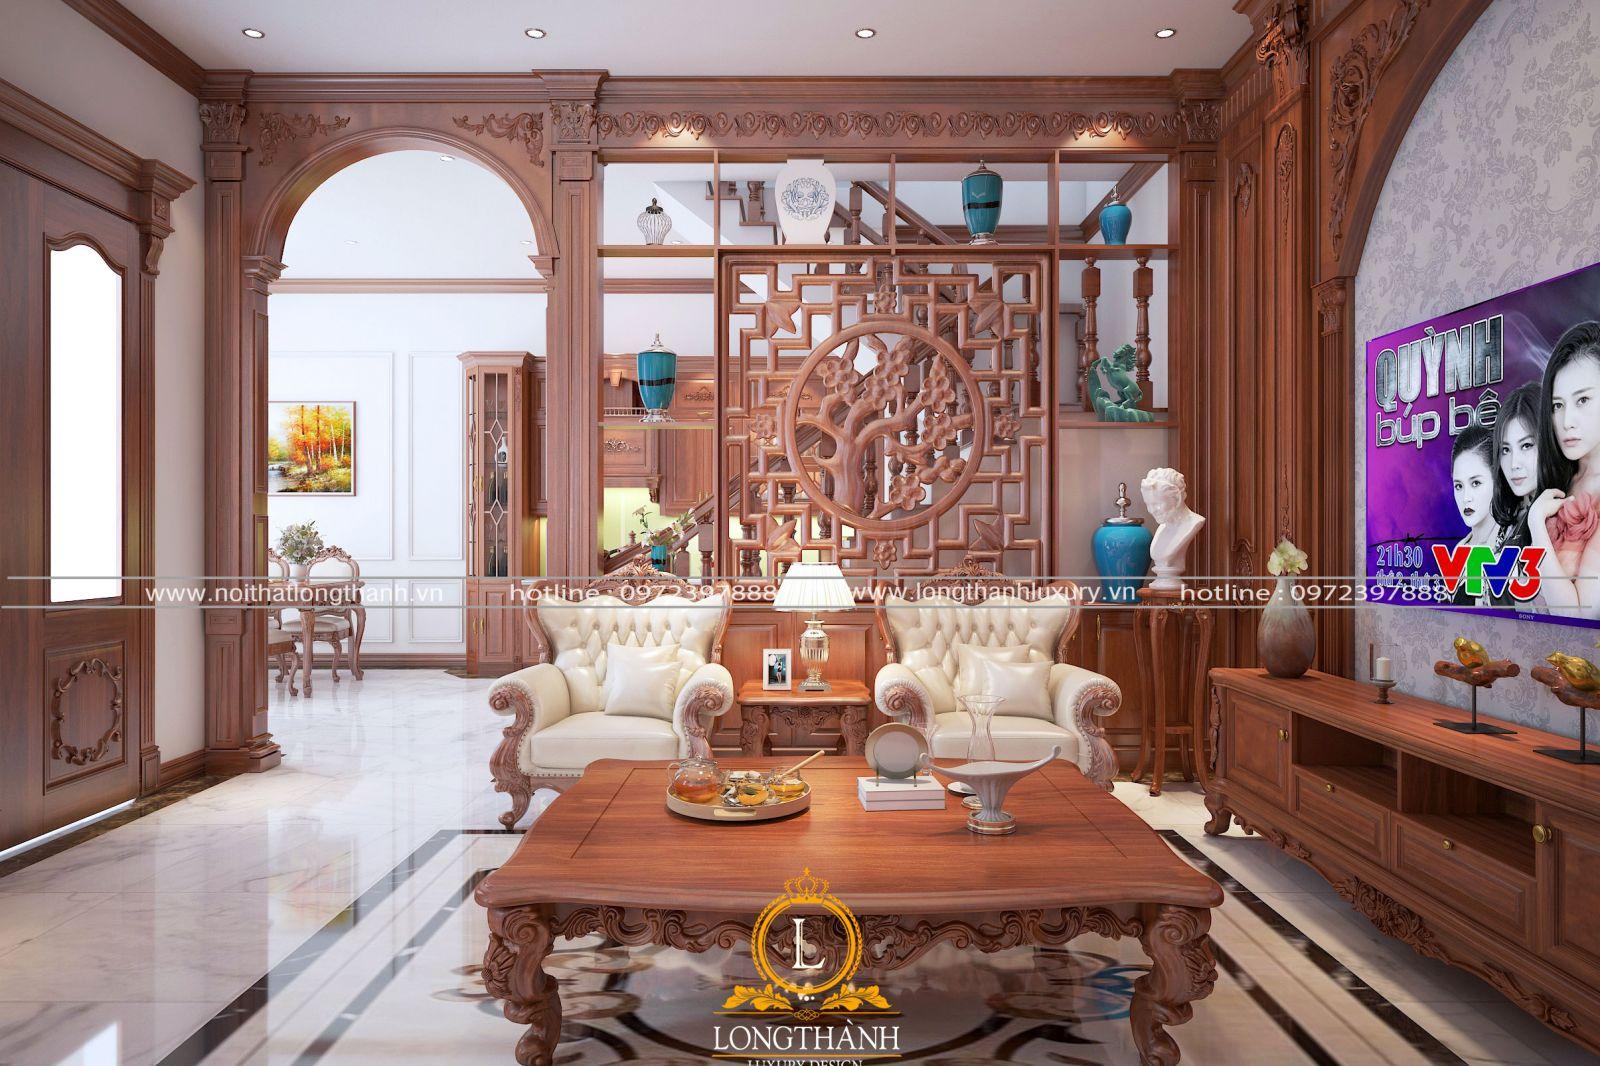 Vách ngăn đẹp cho phòng khách và cầu thang